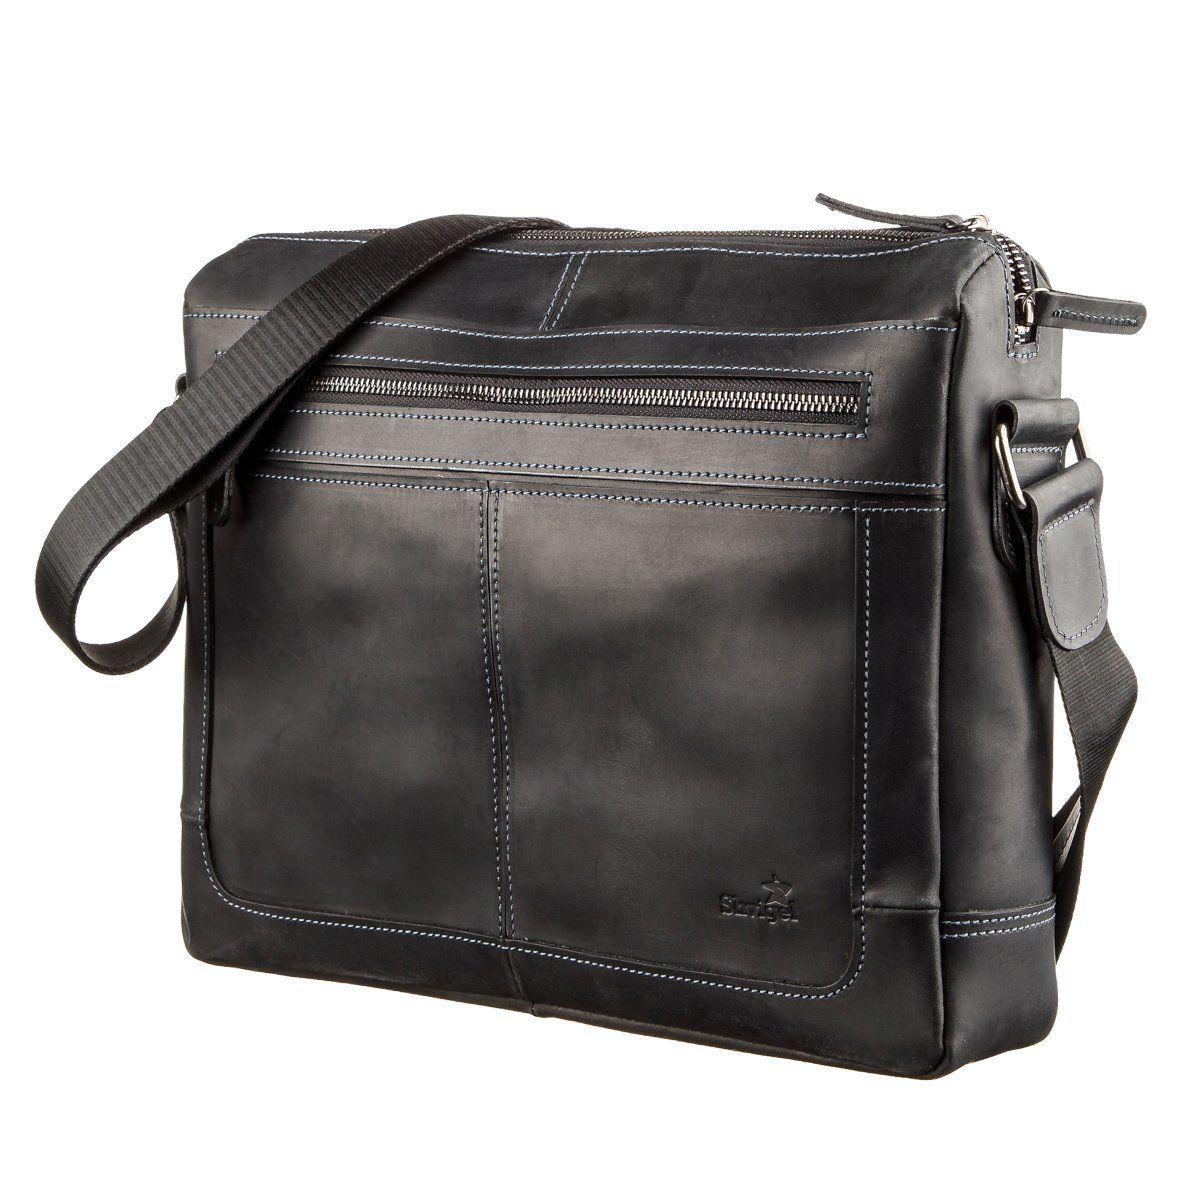 Деловая мужская кожаная сумка на плечо SHVIGEL 11246 Черная, Черный